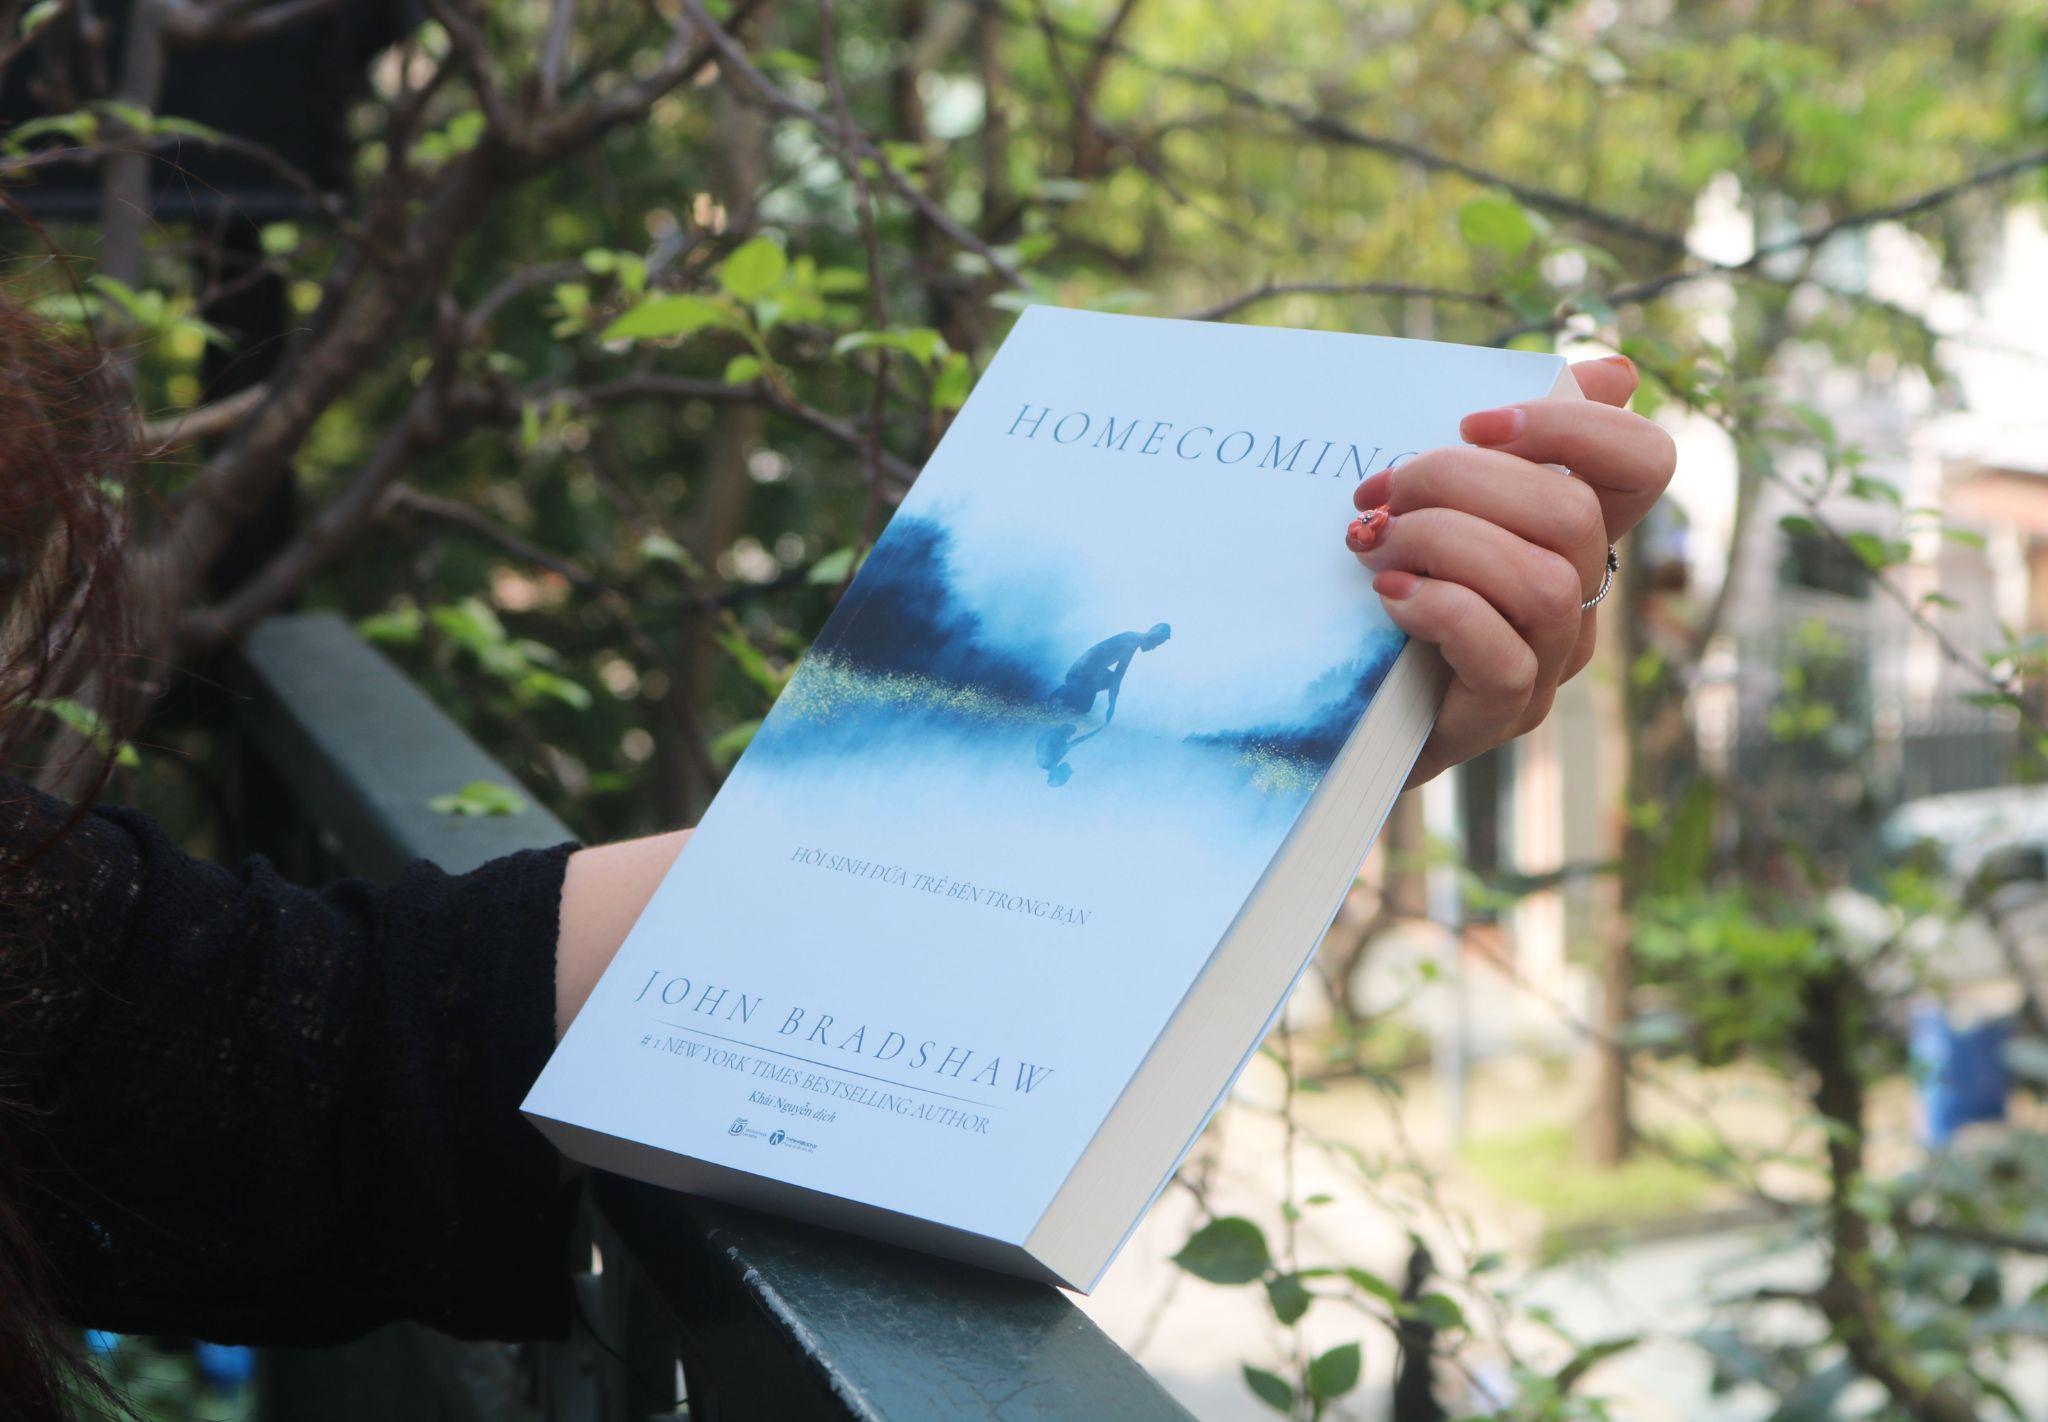 """Vì sao nên đọc cuốn sách """"Homecoming – Hồi sinh đứa trẻ bên trong bạn""""?"""